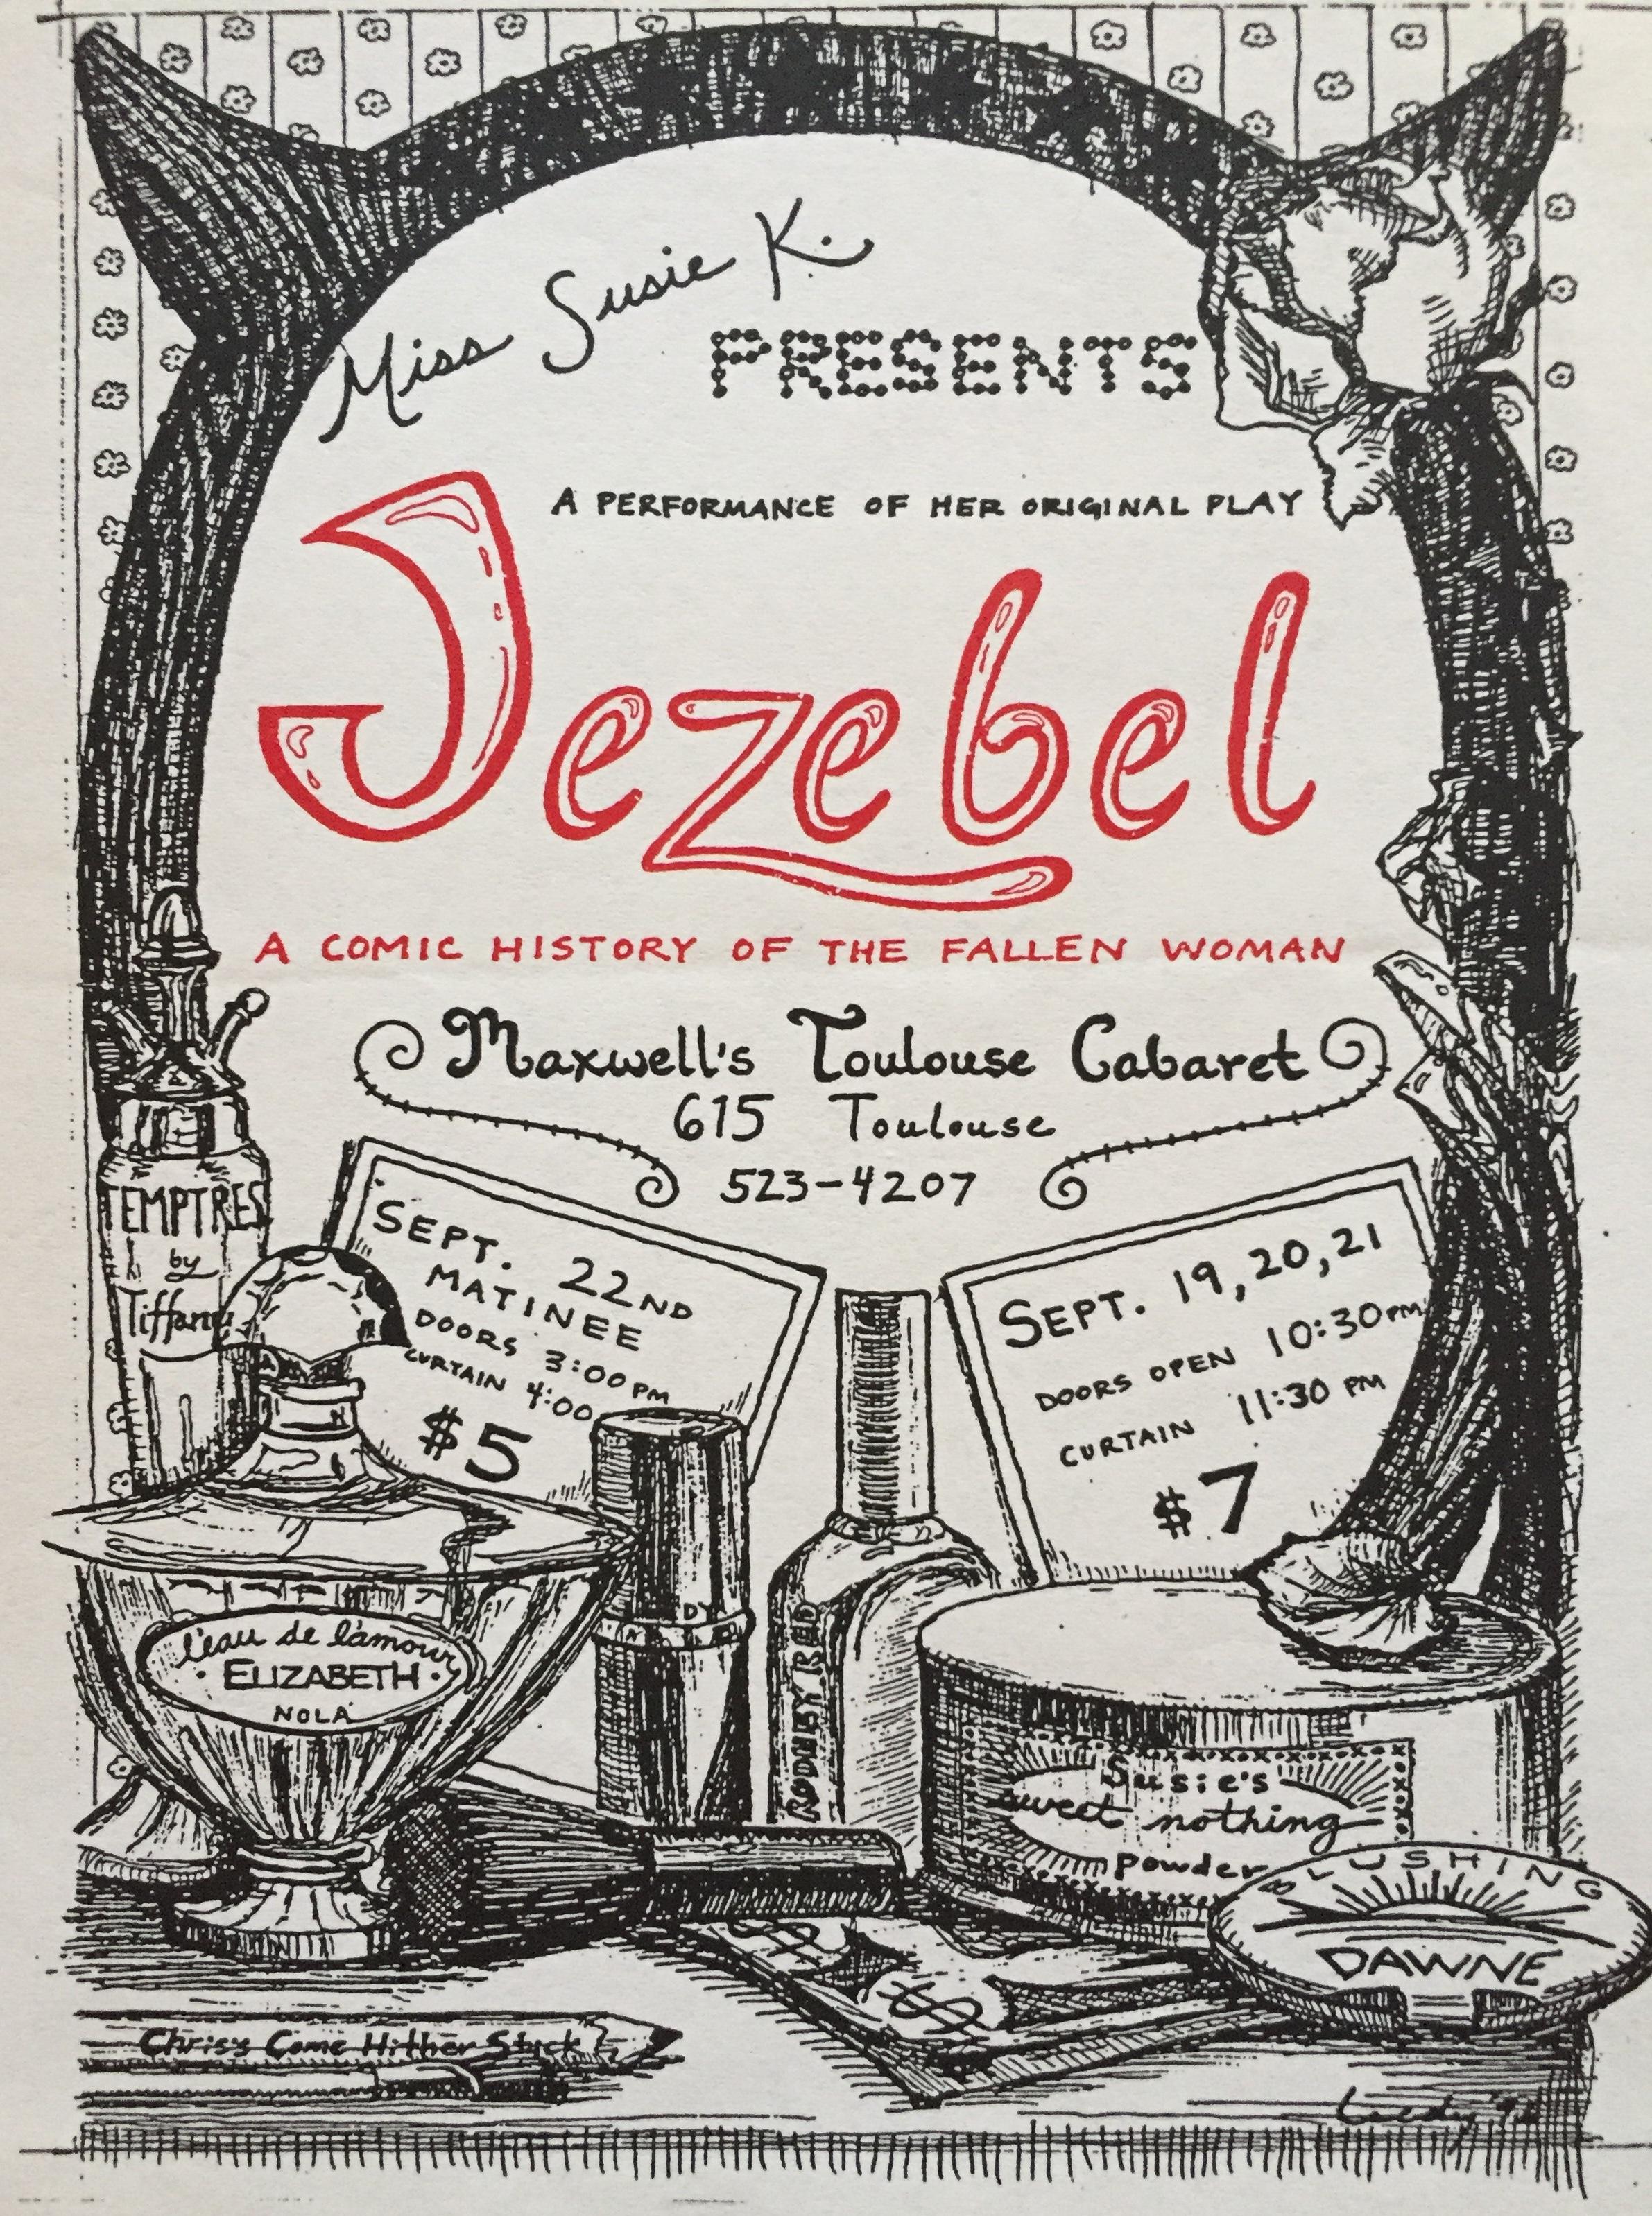 Jezebel flyer